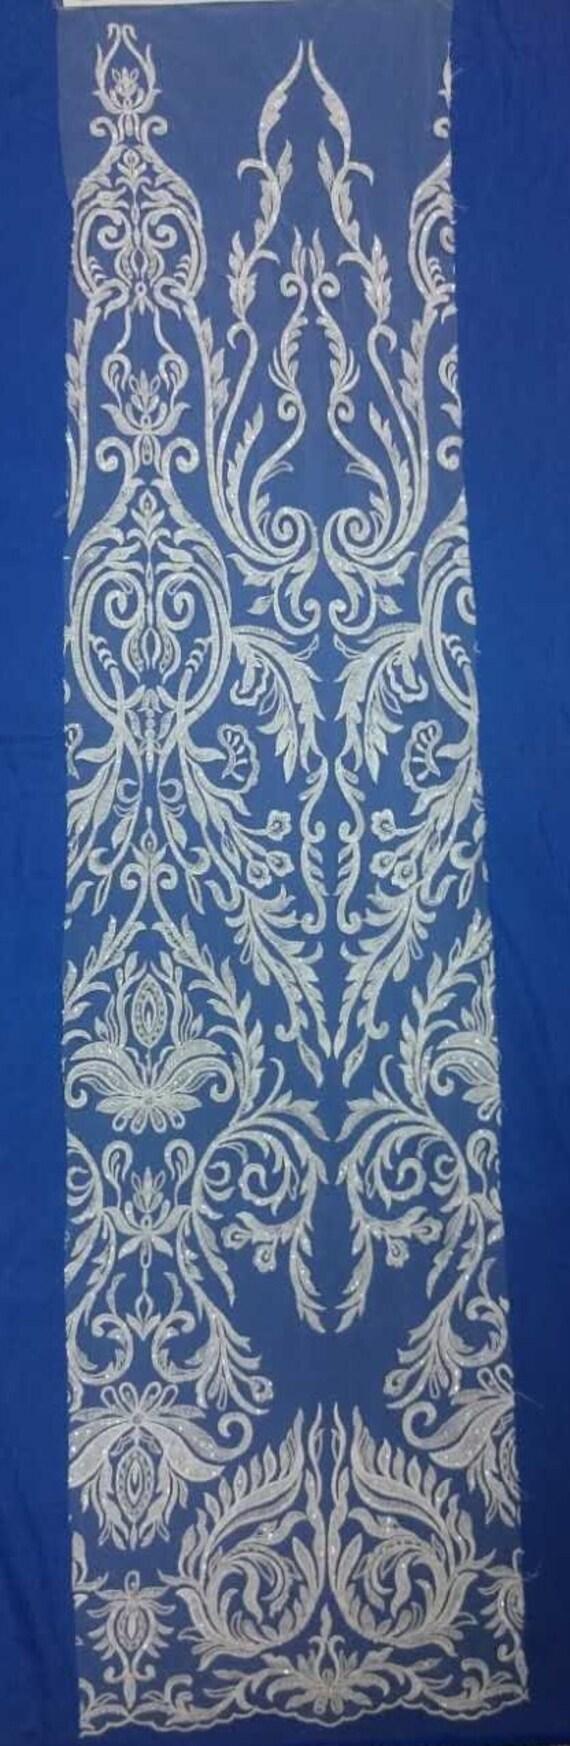 Robe GAYCHUN de mariée en perles GAYCHUN Robe broderie tissu dentelle 1a441d